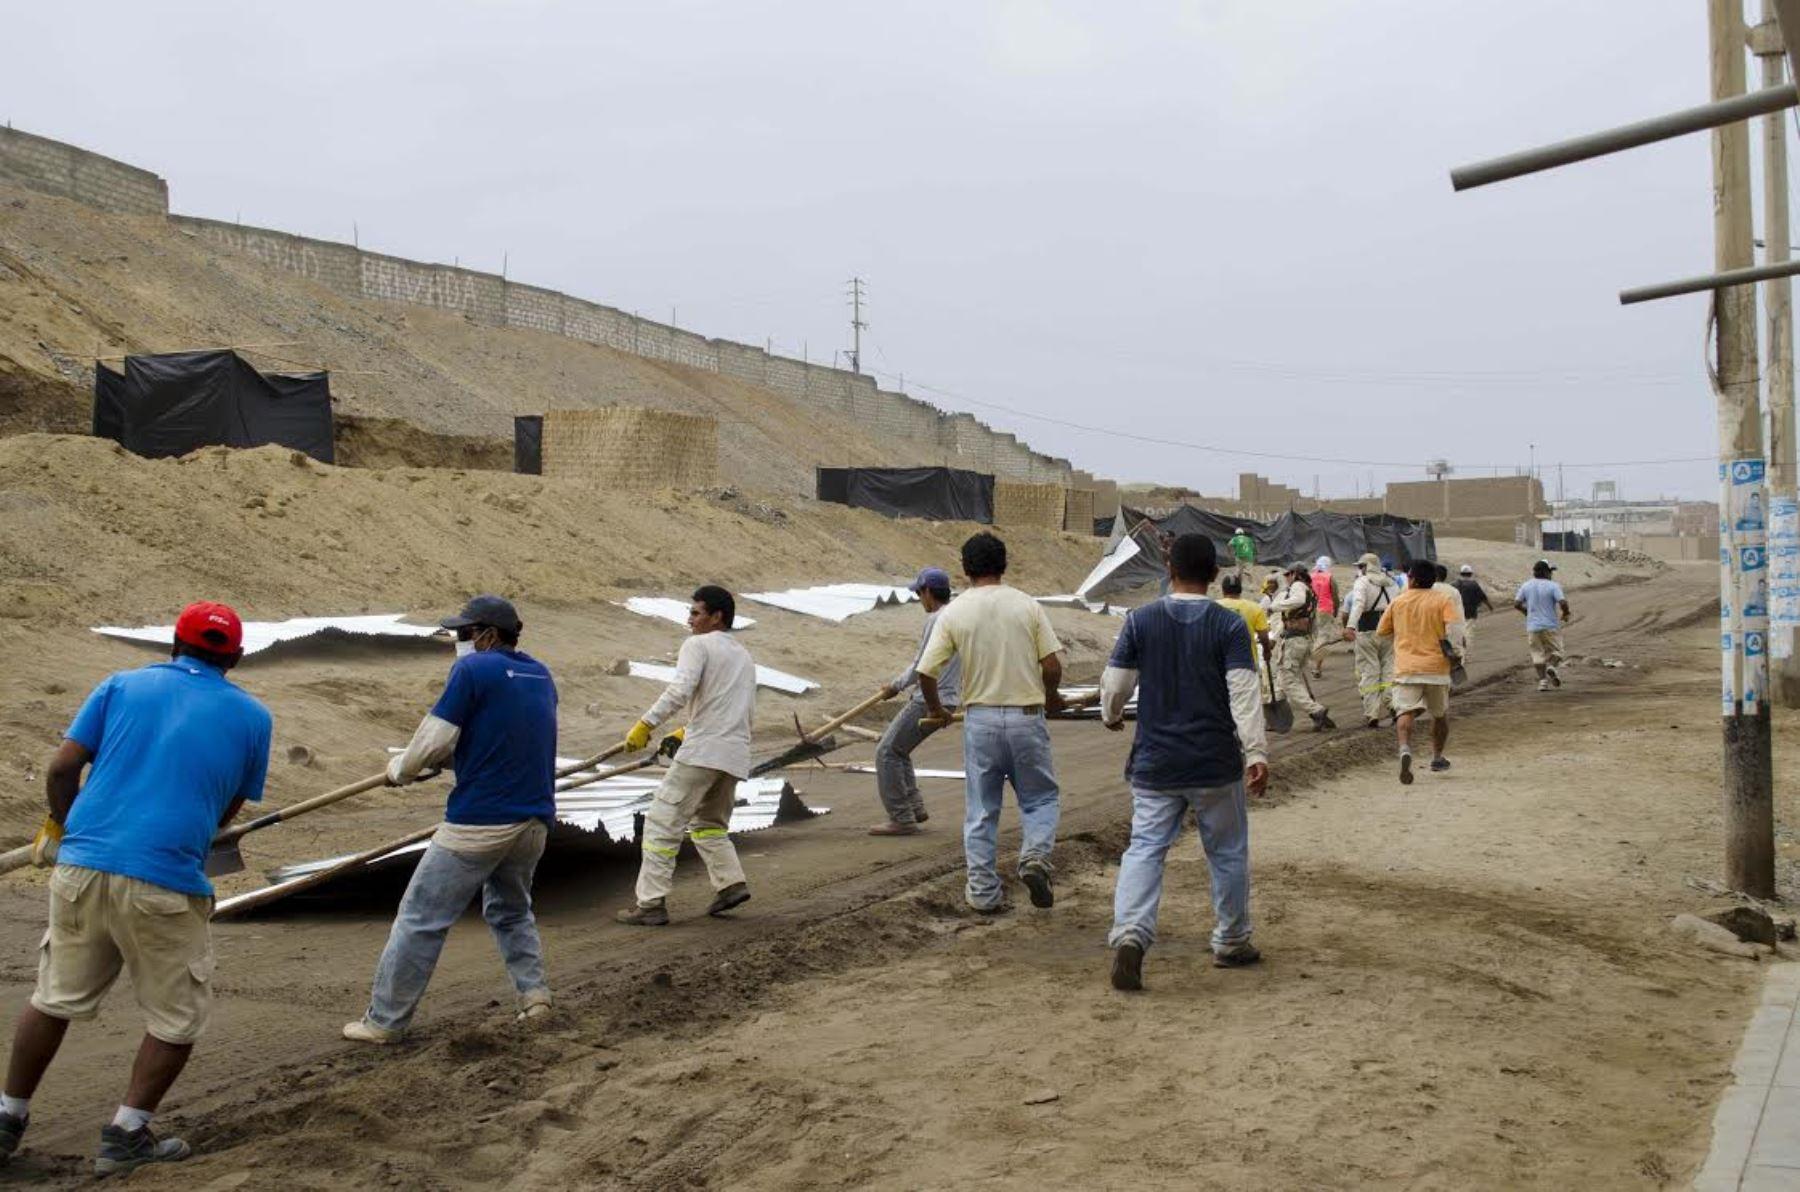 El Ministerio de Cultura desaloja a invasores de una zona arqueológica de Huanchaco, en la provincia de Trujillo. ANDINA/Difusión